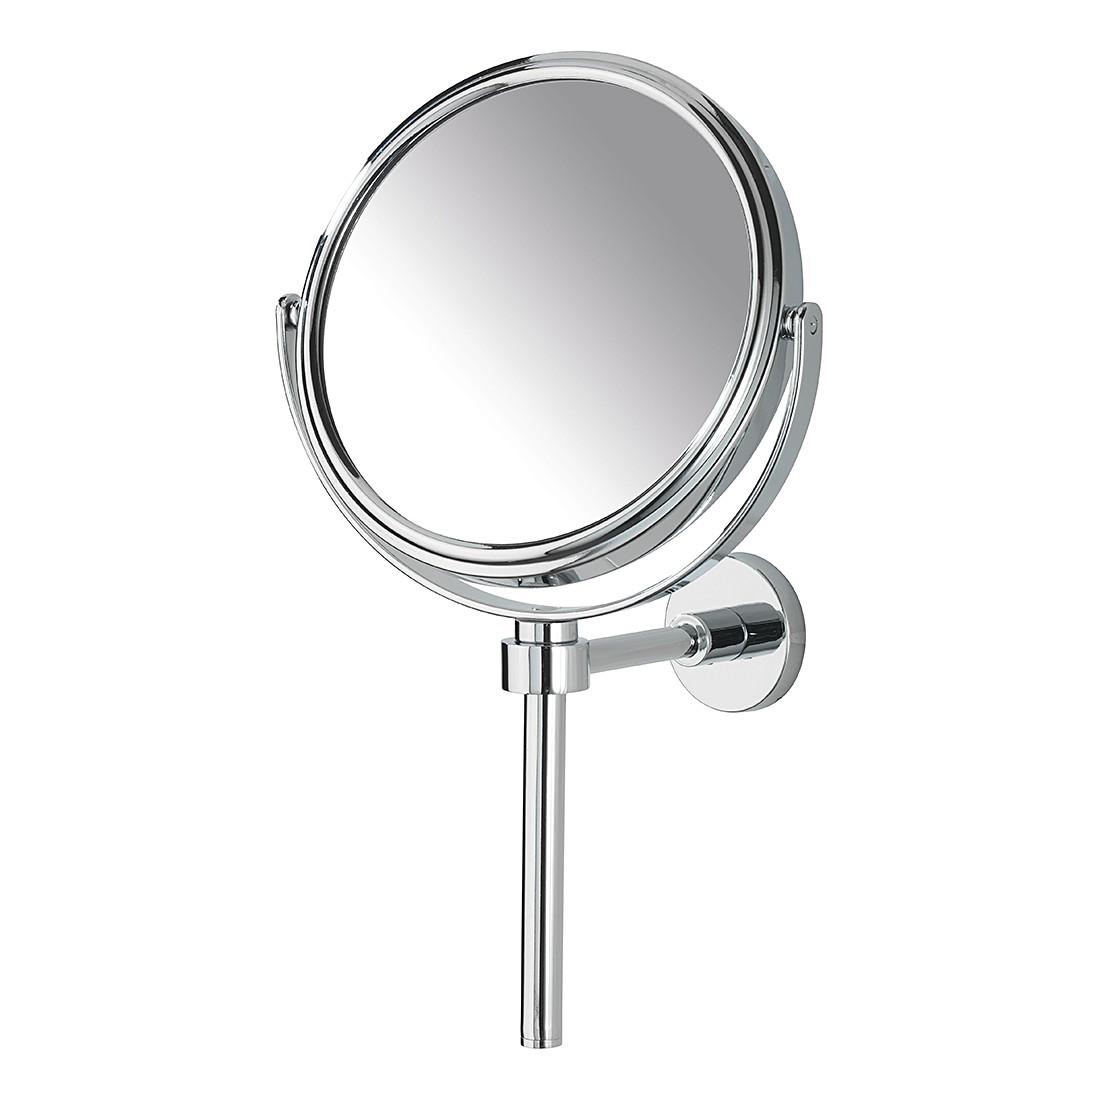 Kosmetik Handspiegel Elegance – Power-Loc – mit Halter, WENKO bestellen